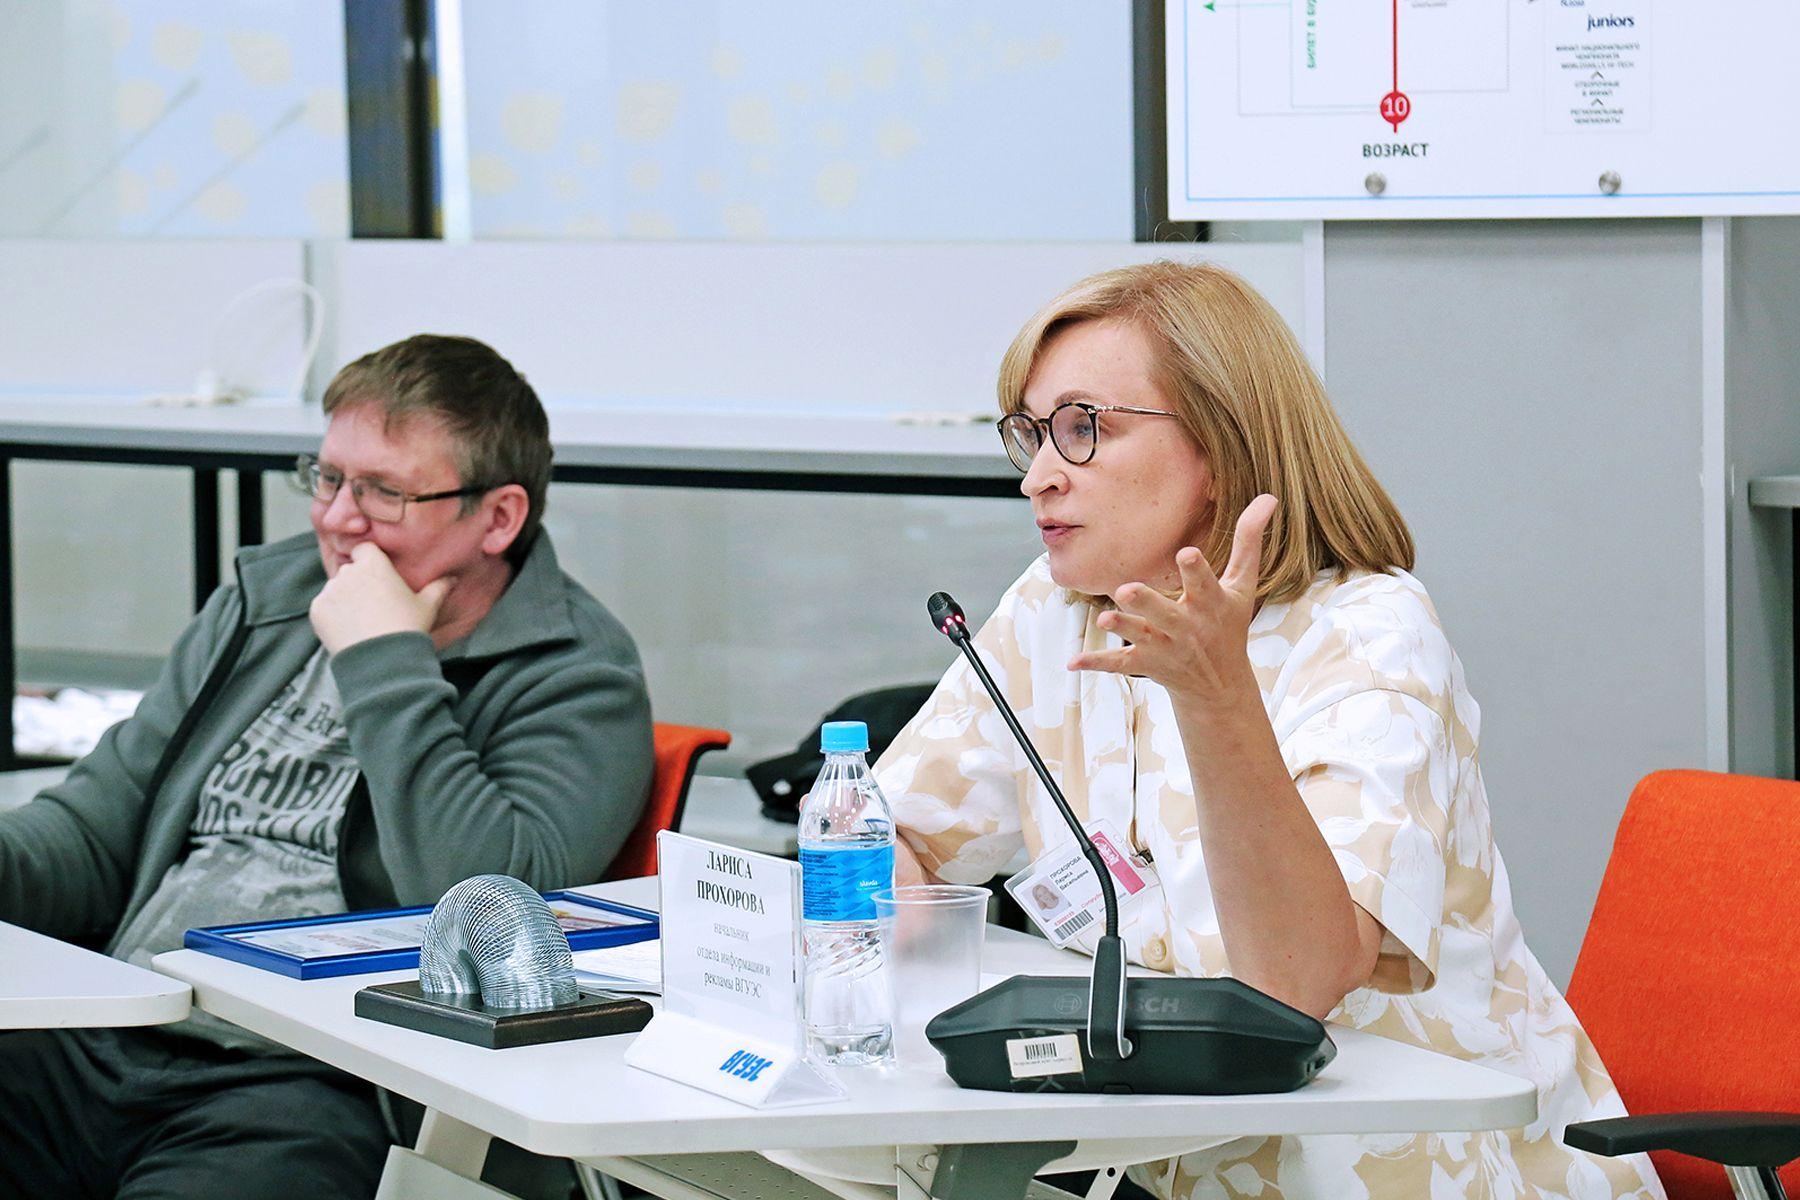 PR во время пандемии: лучшие проекты Дальнего Востока в области связей с общественностью представили во ВГУЭС